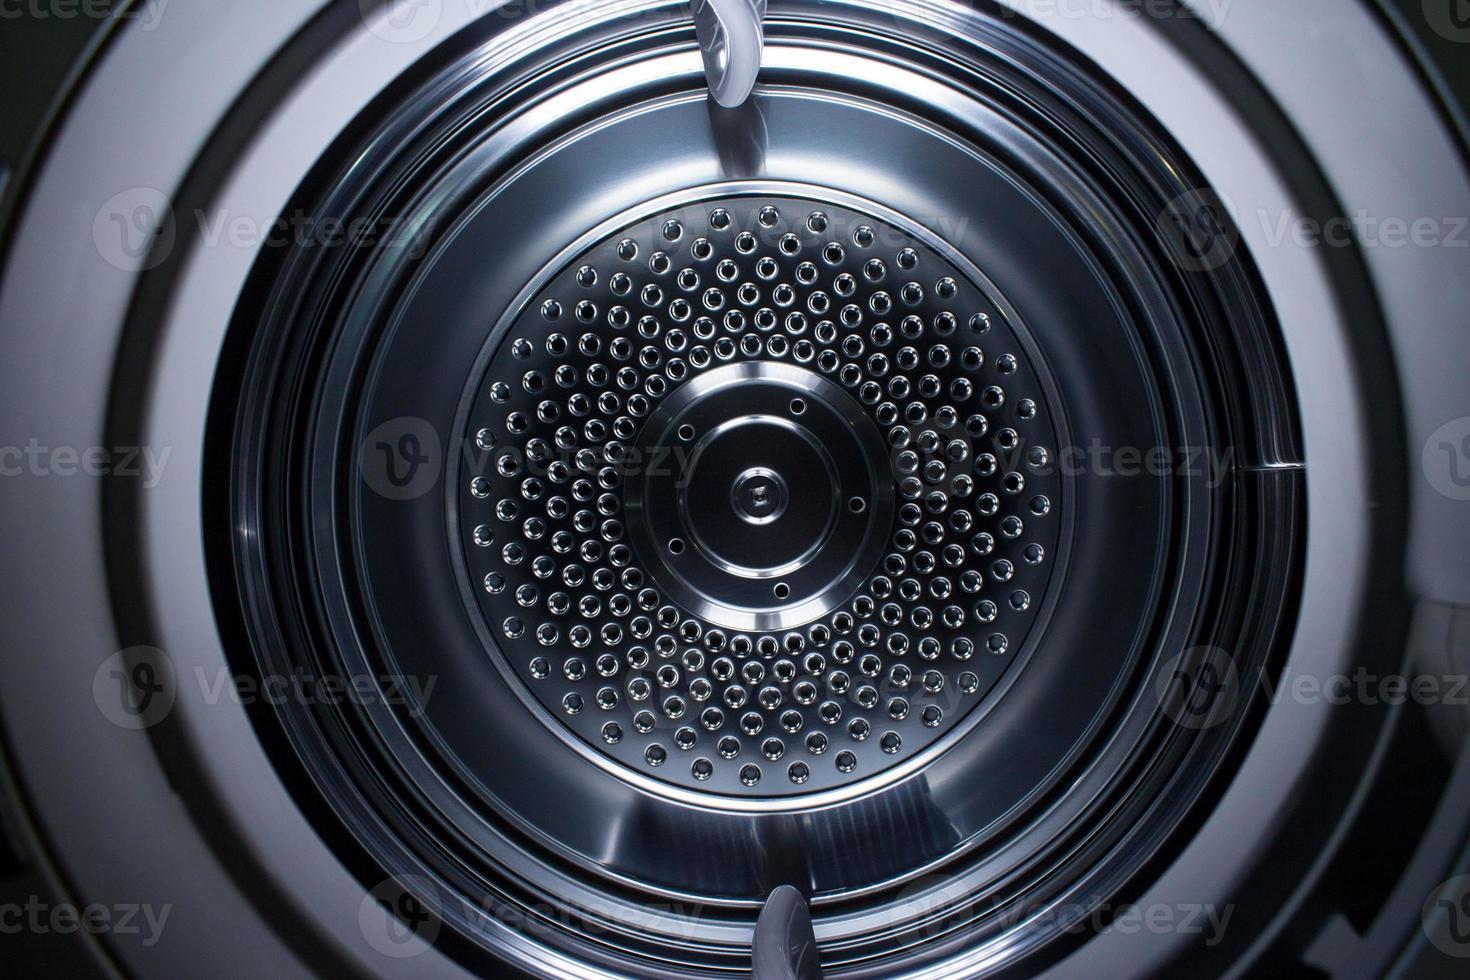 dentro de uma máquina de secar. foto